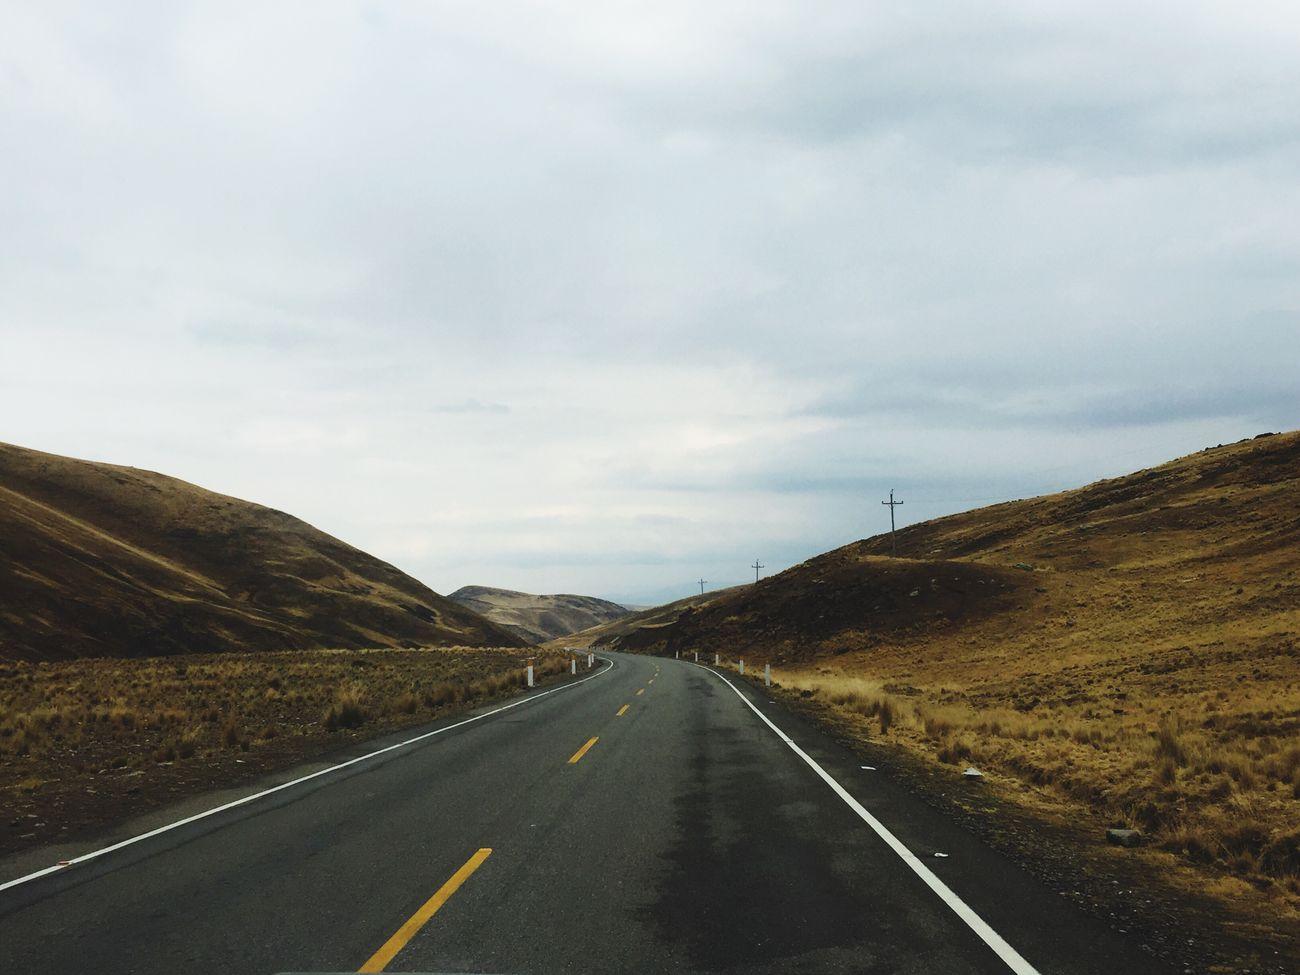 Interoceanic road Peru Puno Brazil Road